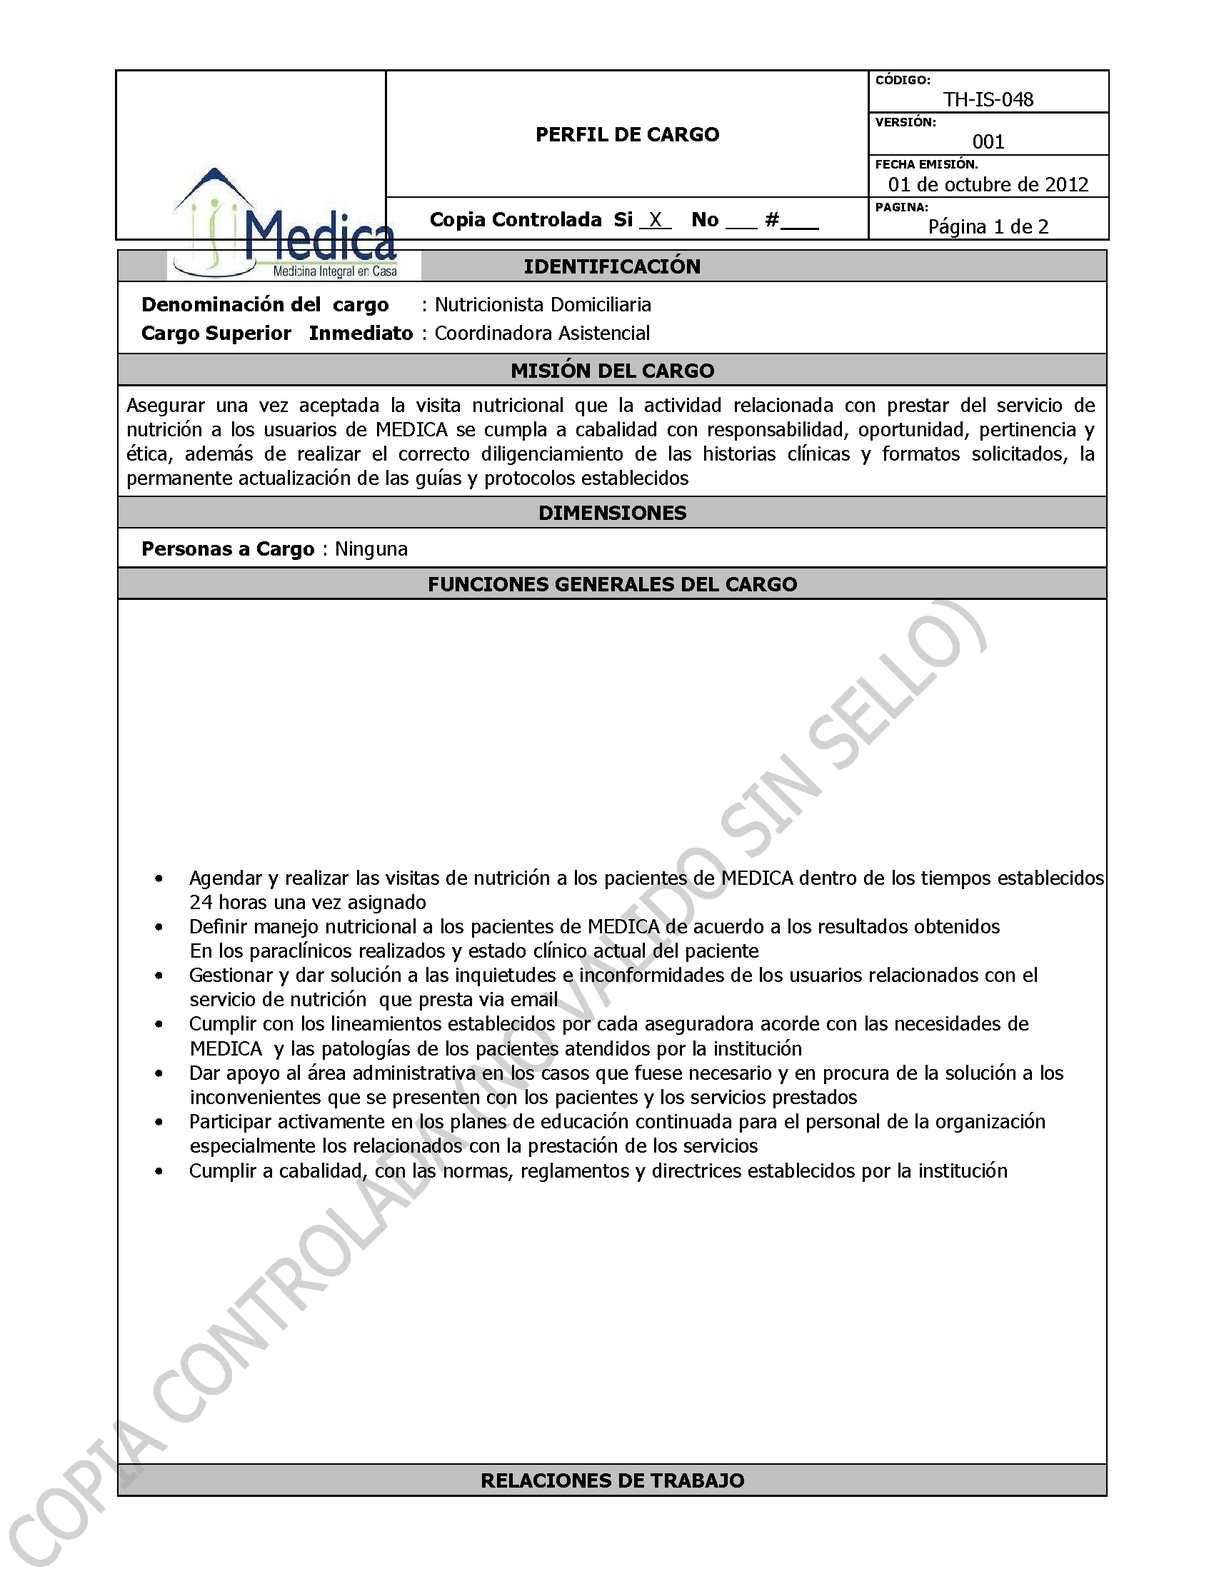 TH-IS-048 PERFIL DE CARGO NUTRICIONISTA